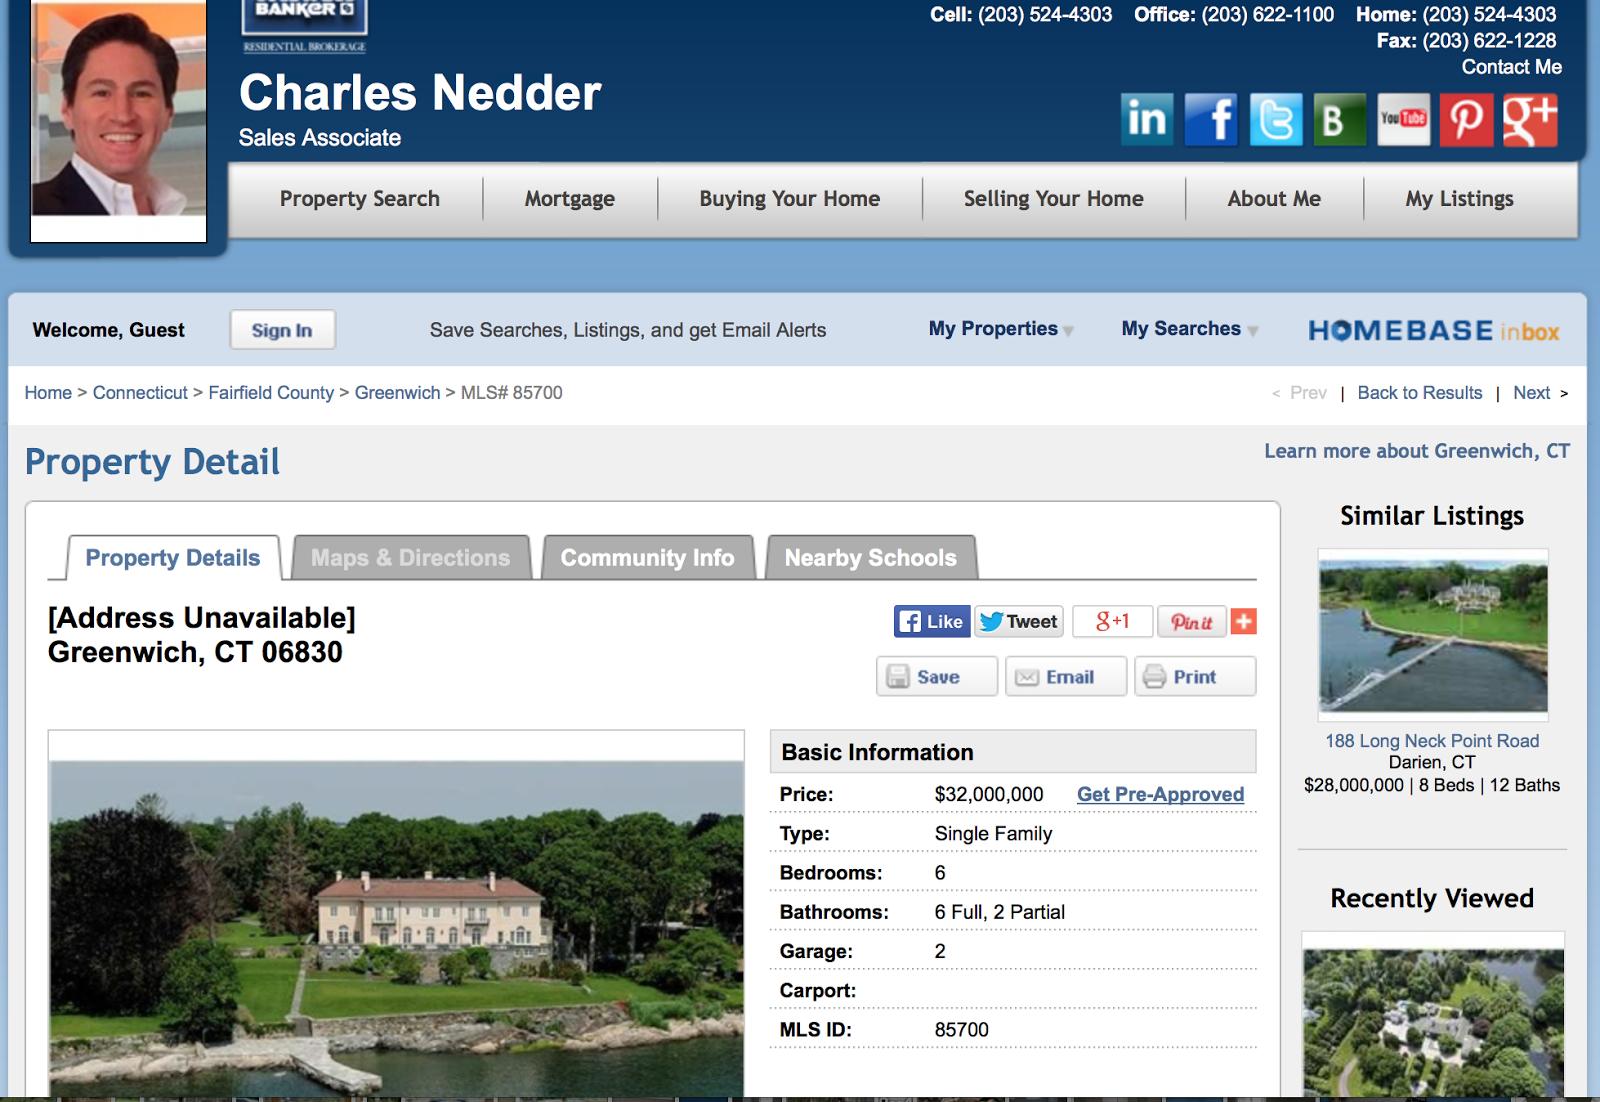 www.cnedder.com